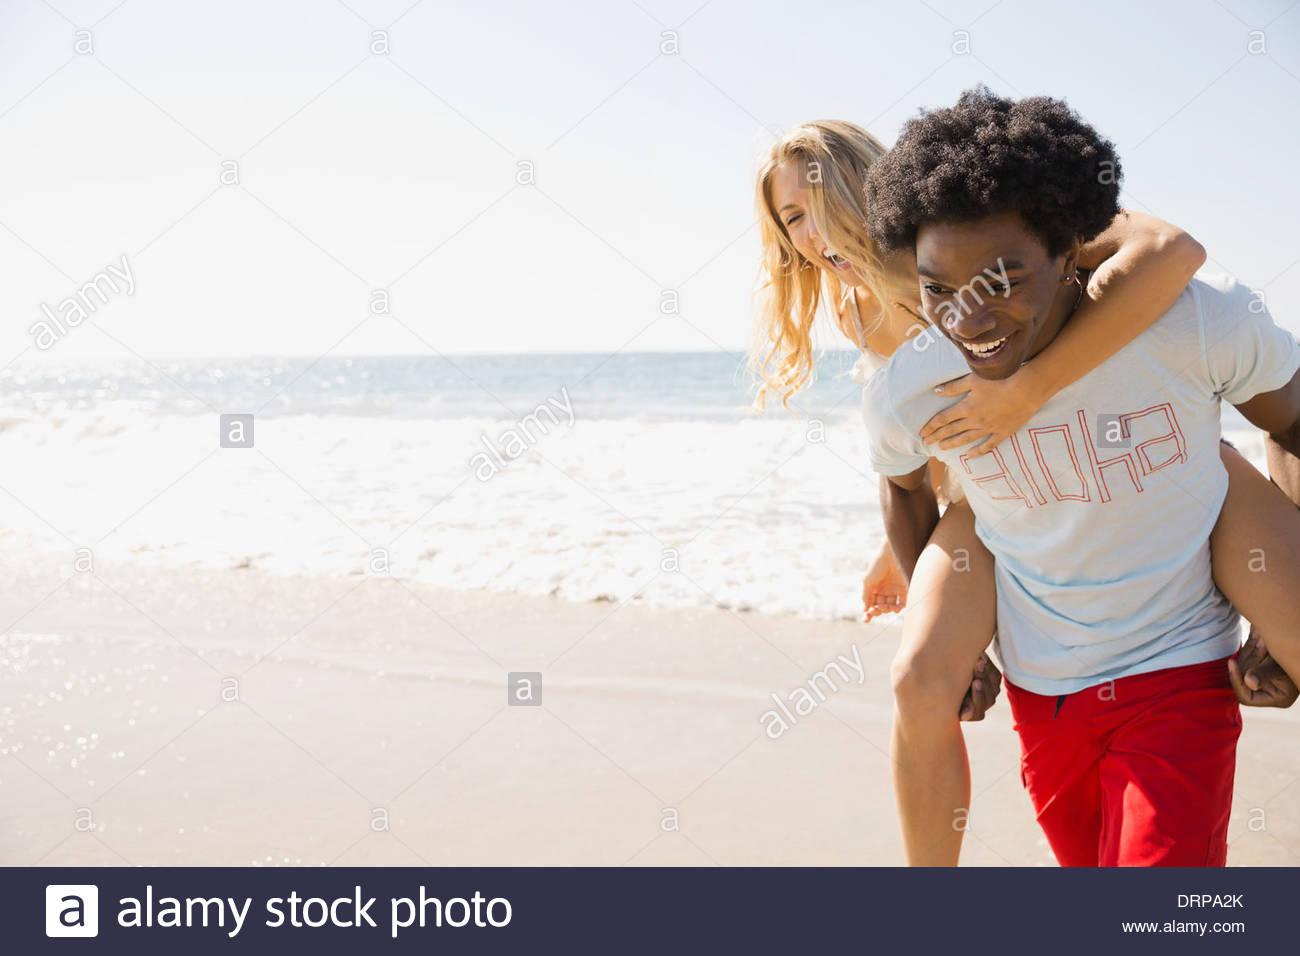 Giocoso giovane sulla spiaggia Immagini Stock